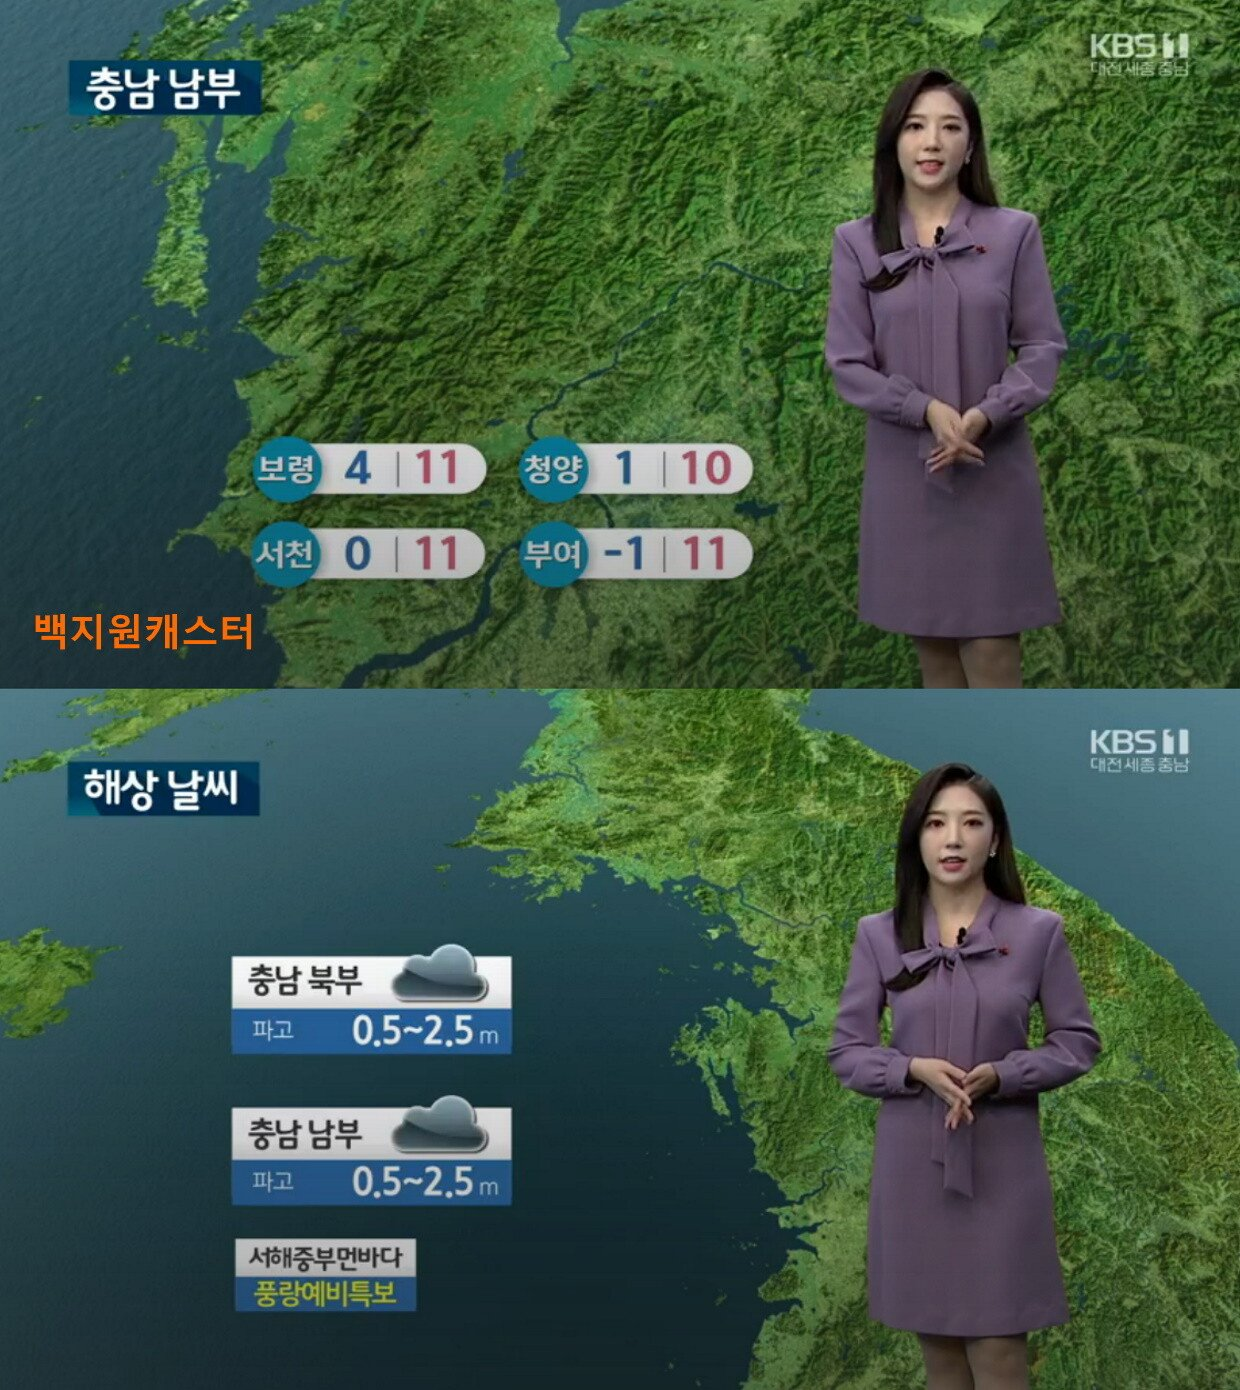 저녁12.jpg 미세먼지에 눈 건강 비상 (내일 미세먼지 서쪽 나쁨 및 흐리고 곳곳 비)